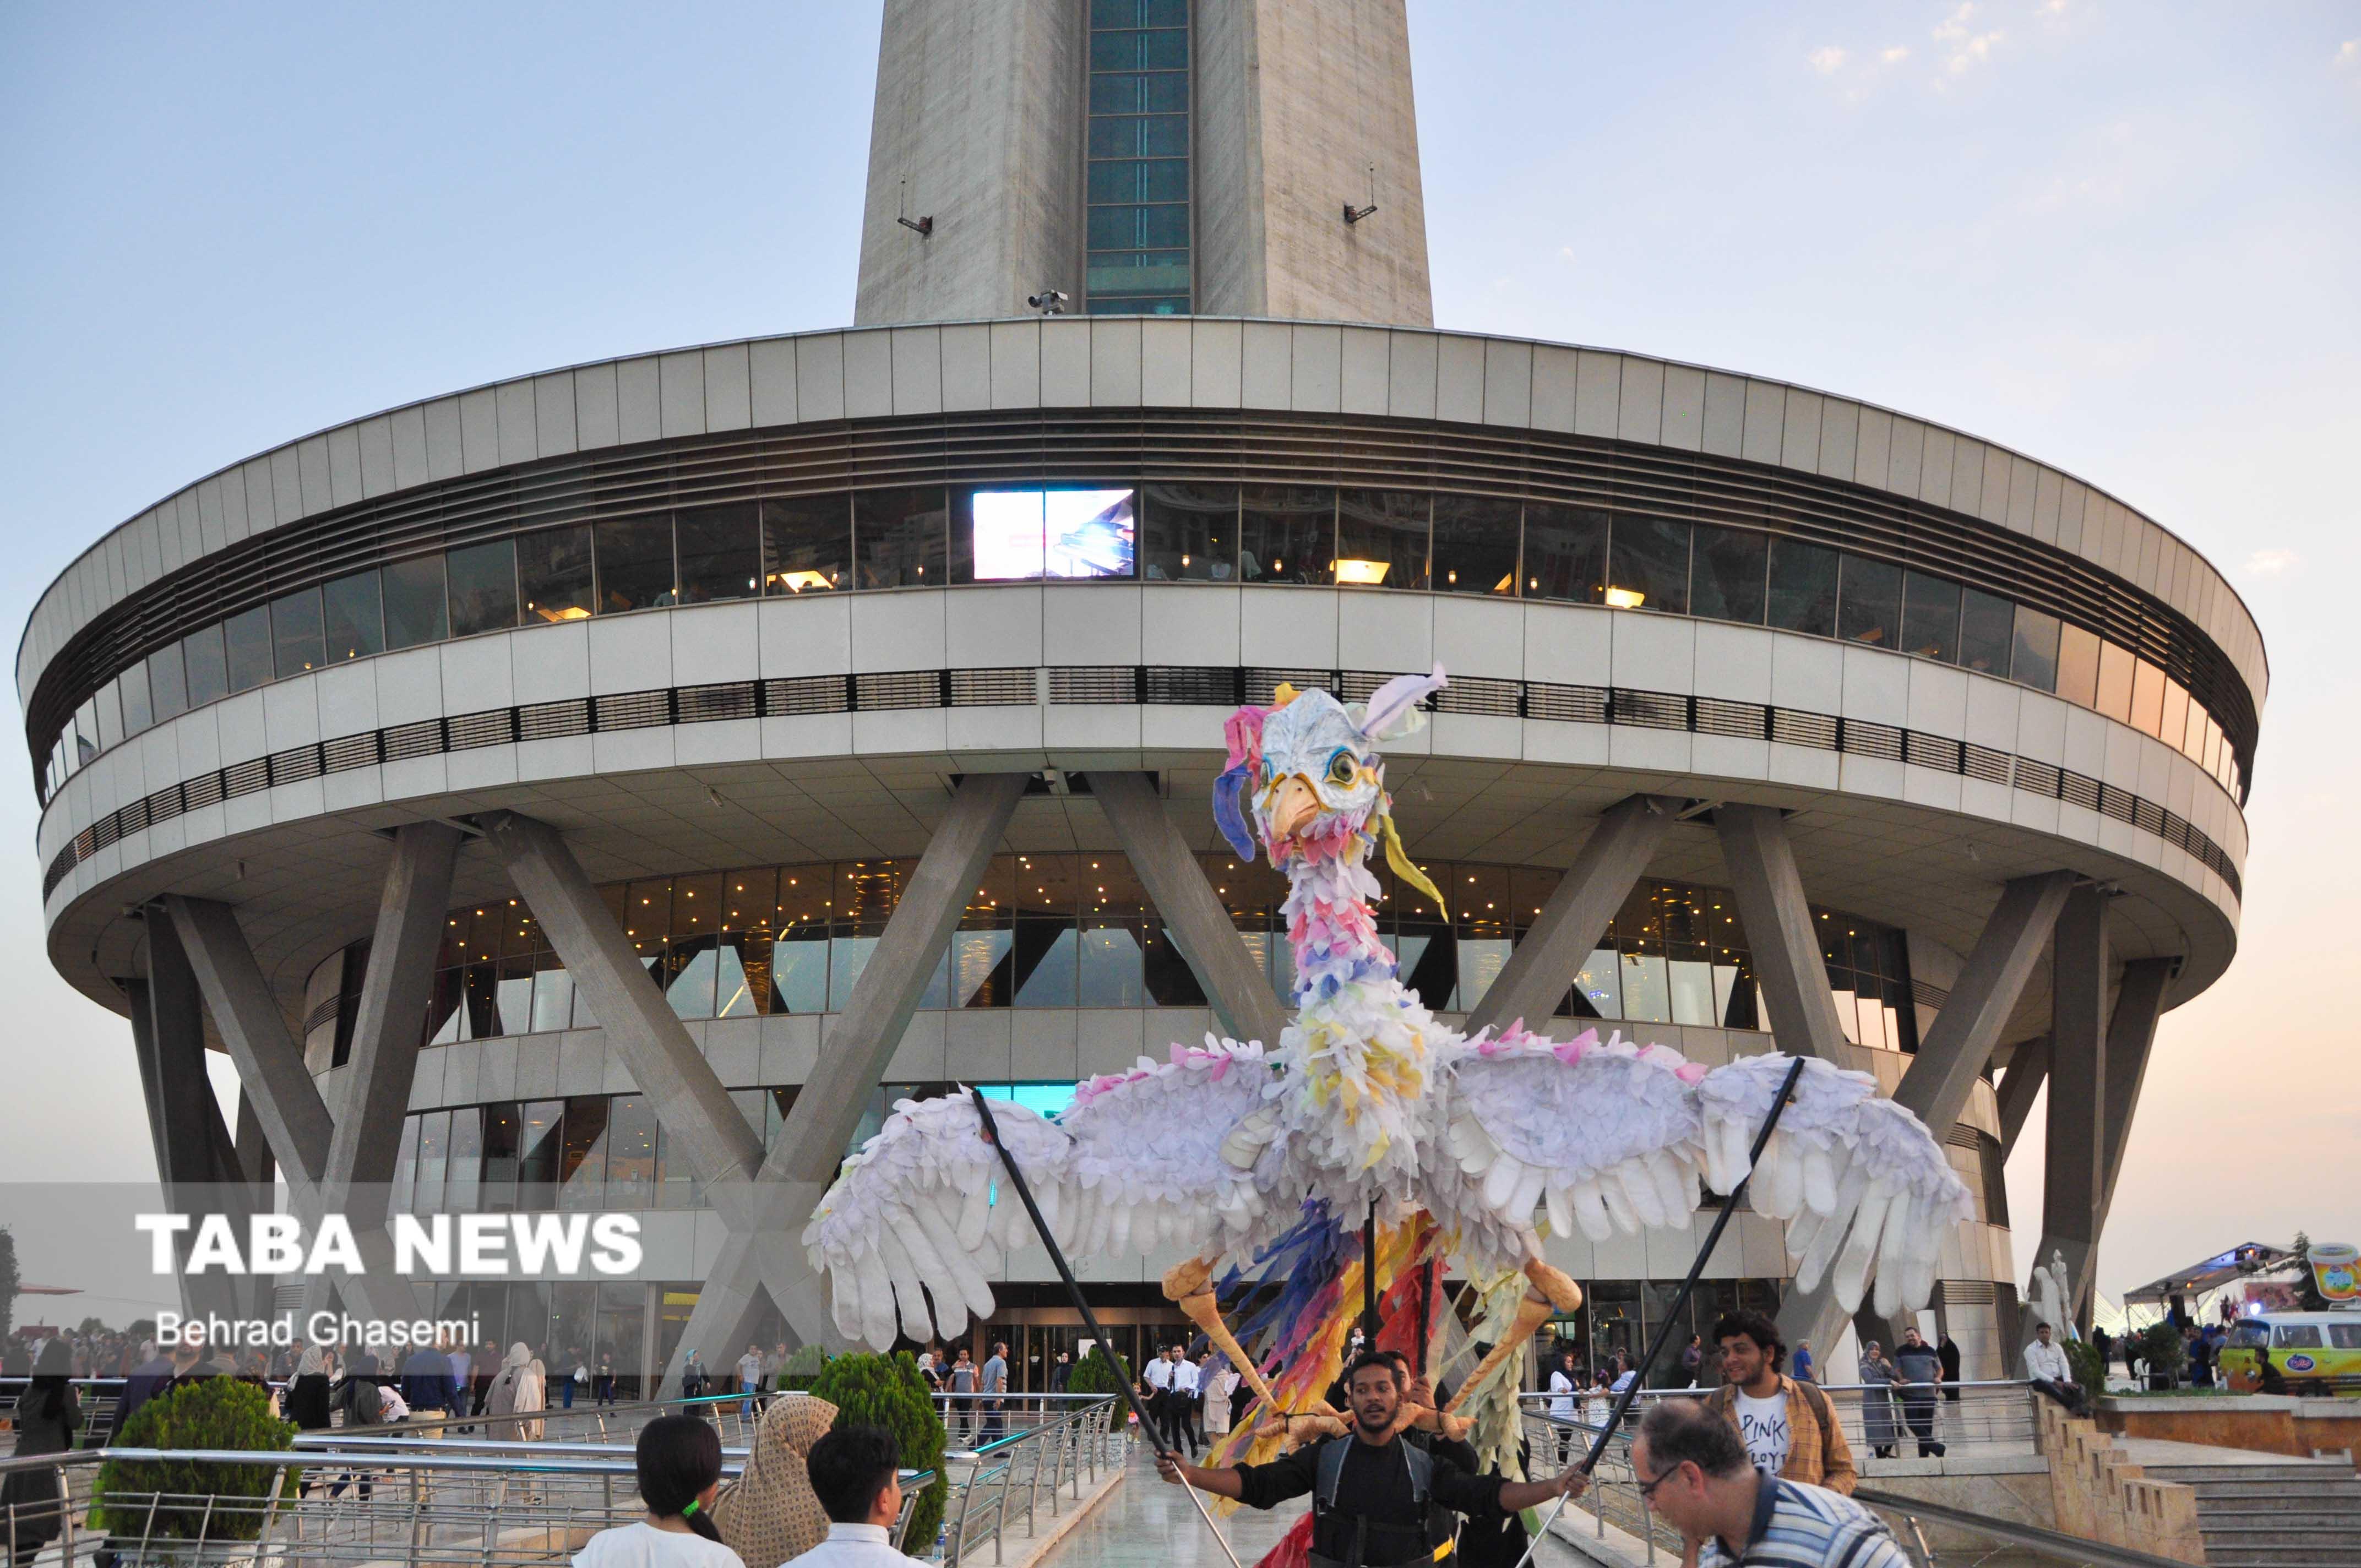 برج میلاد به تماشای شکوه فرهنگ خوزستان مینشیند